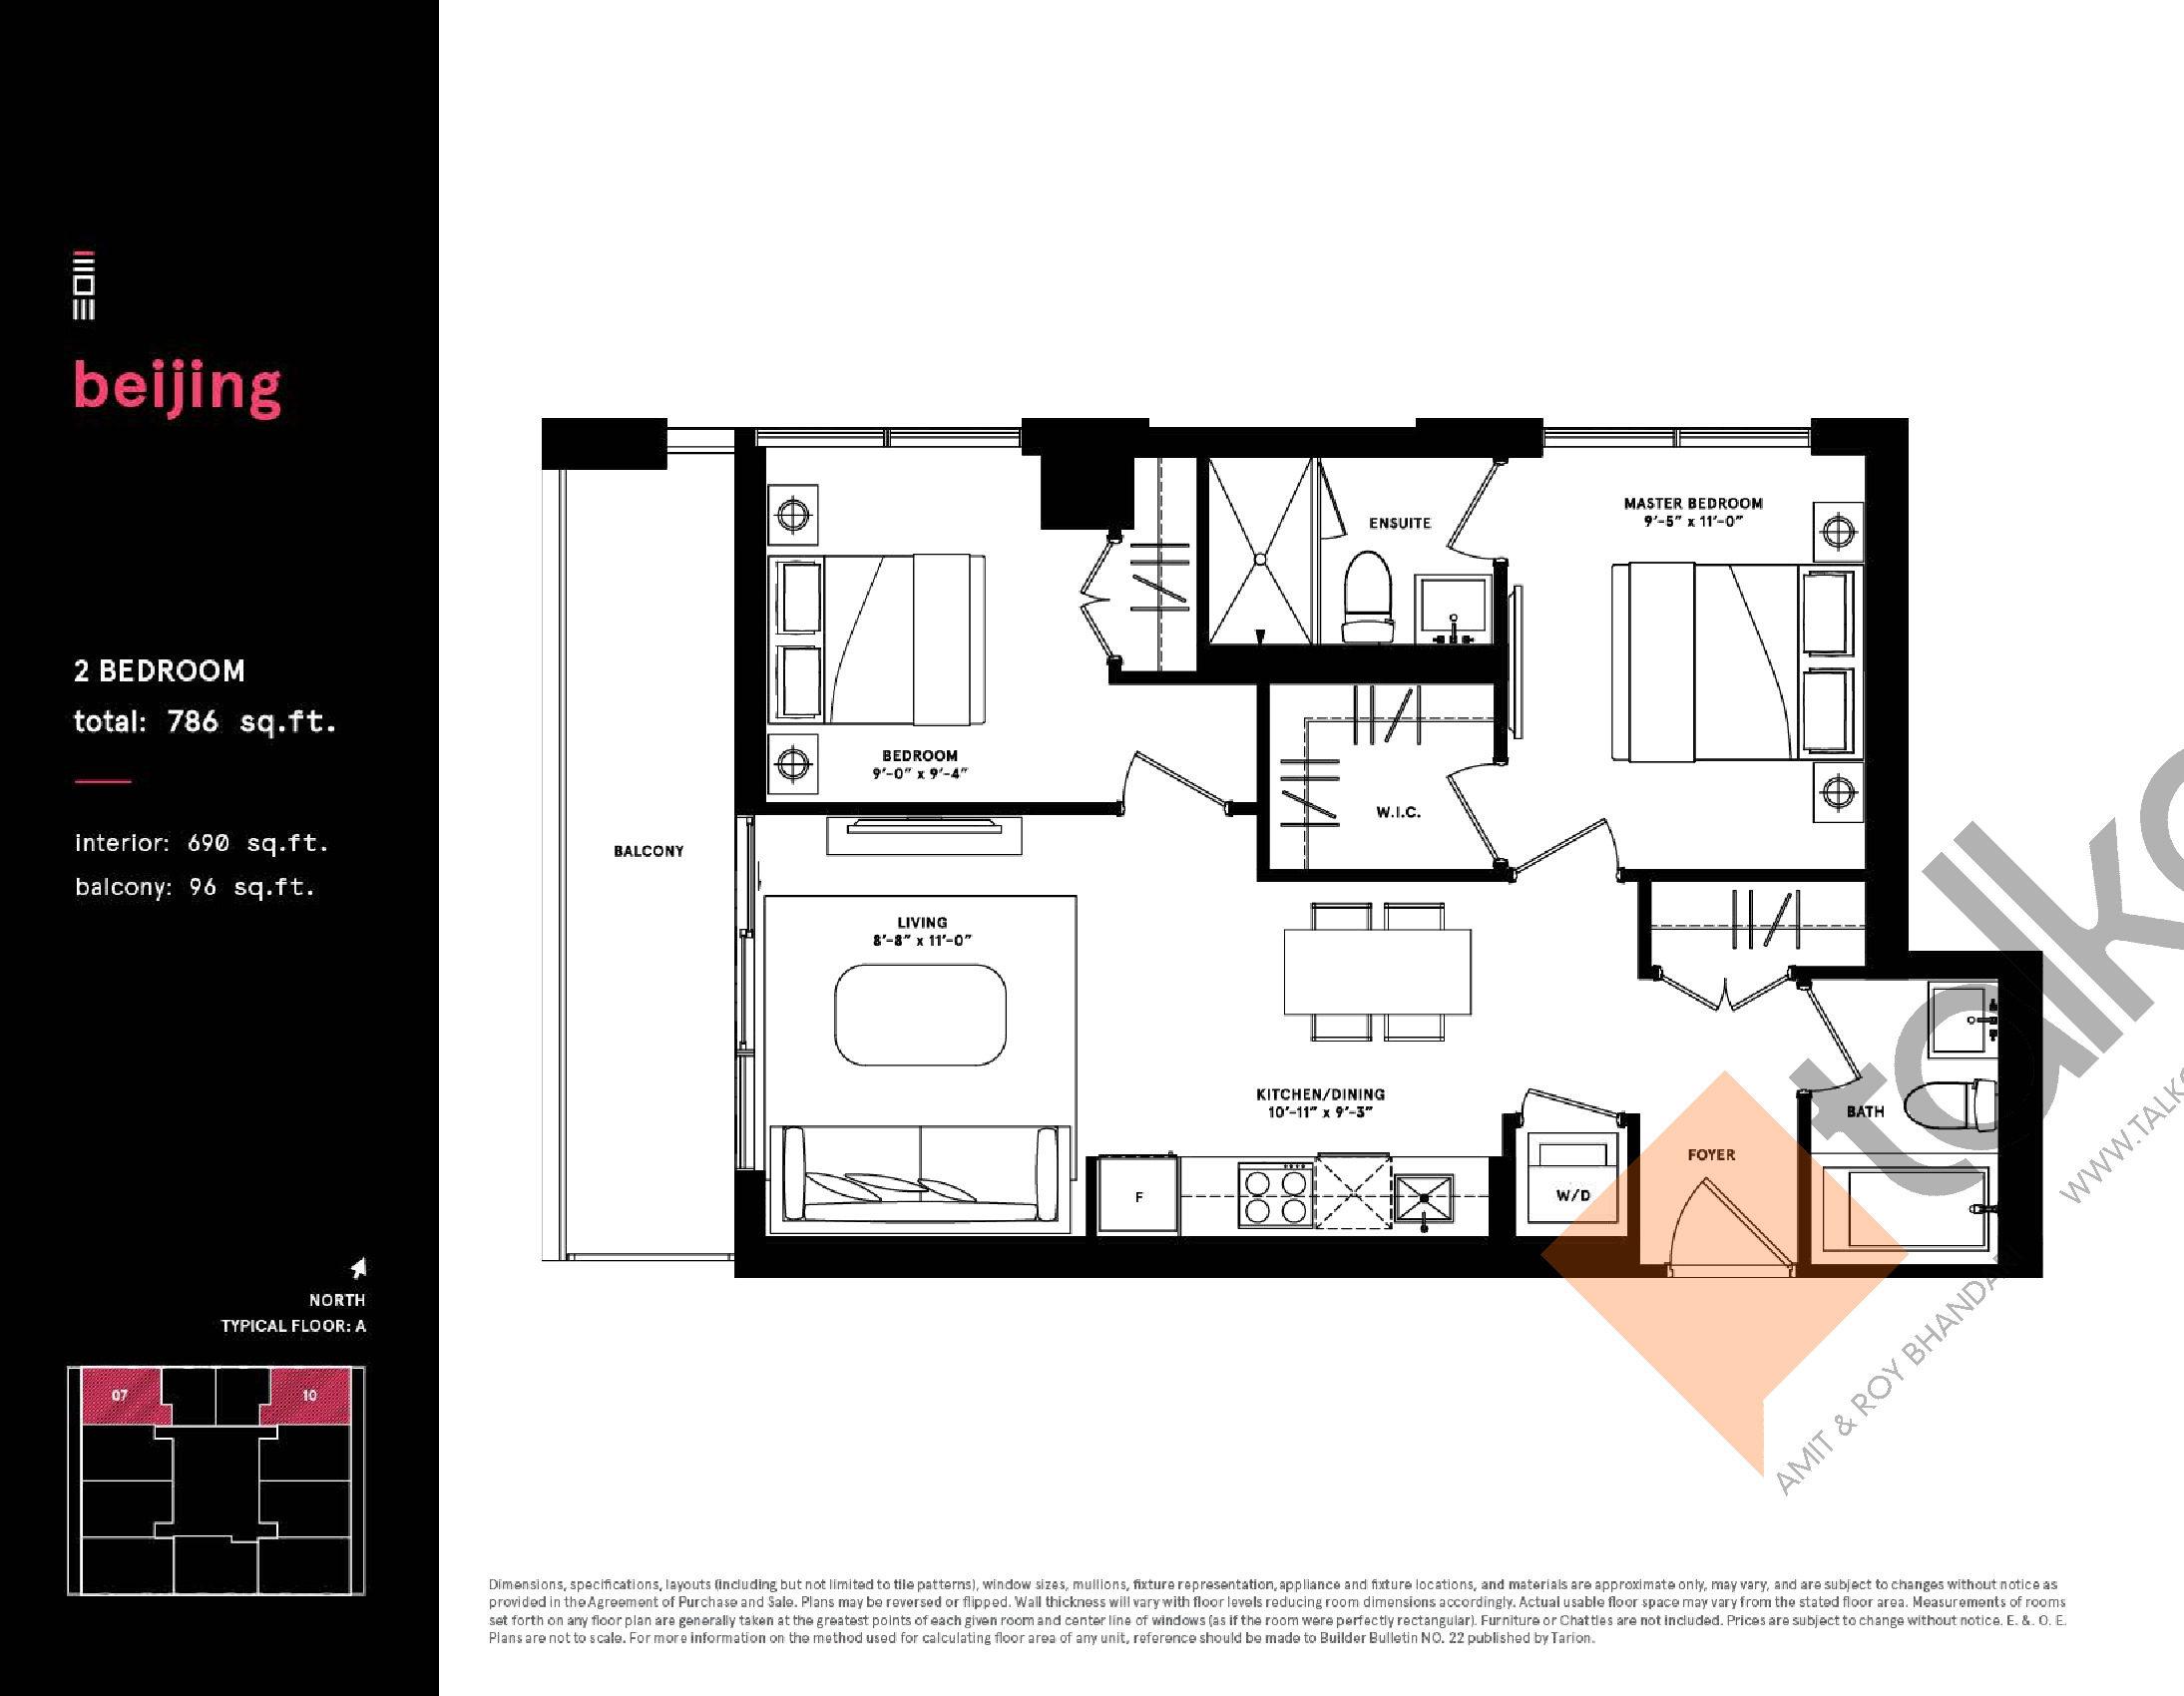 Beijing Floor Plan at Exchange District Condos - 690 sq.ft